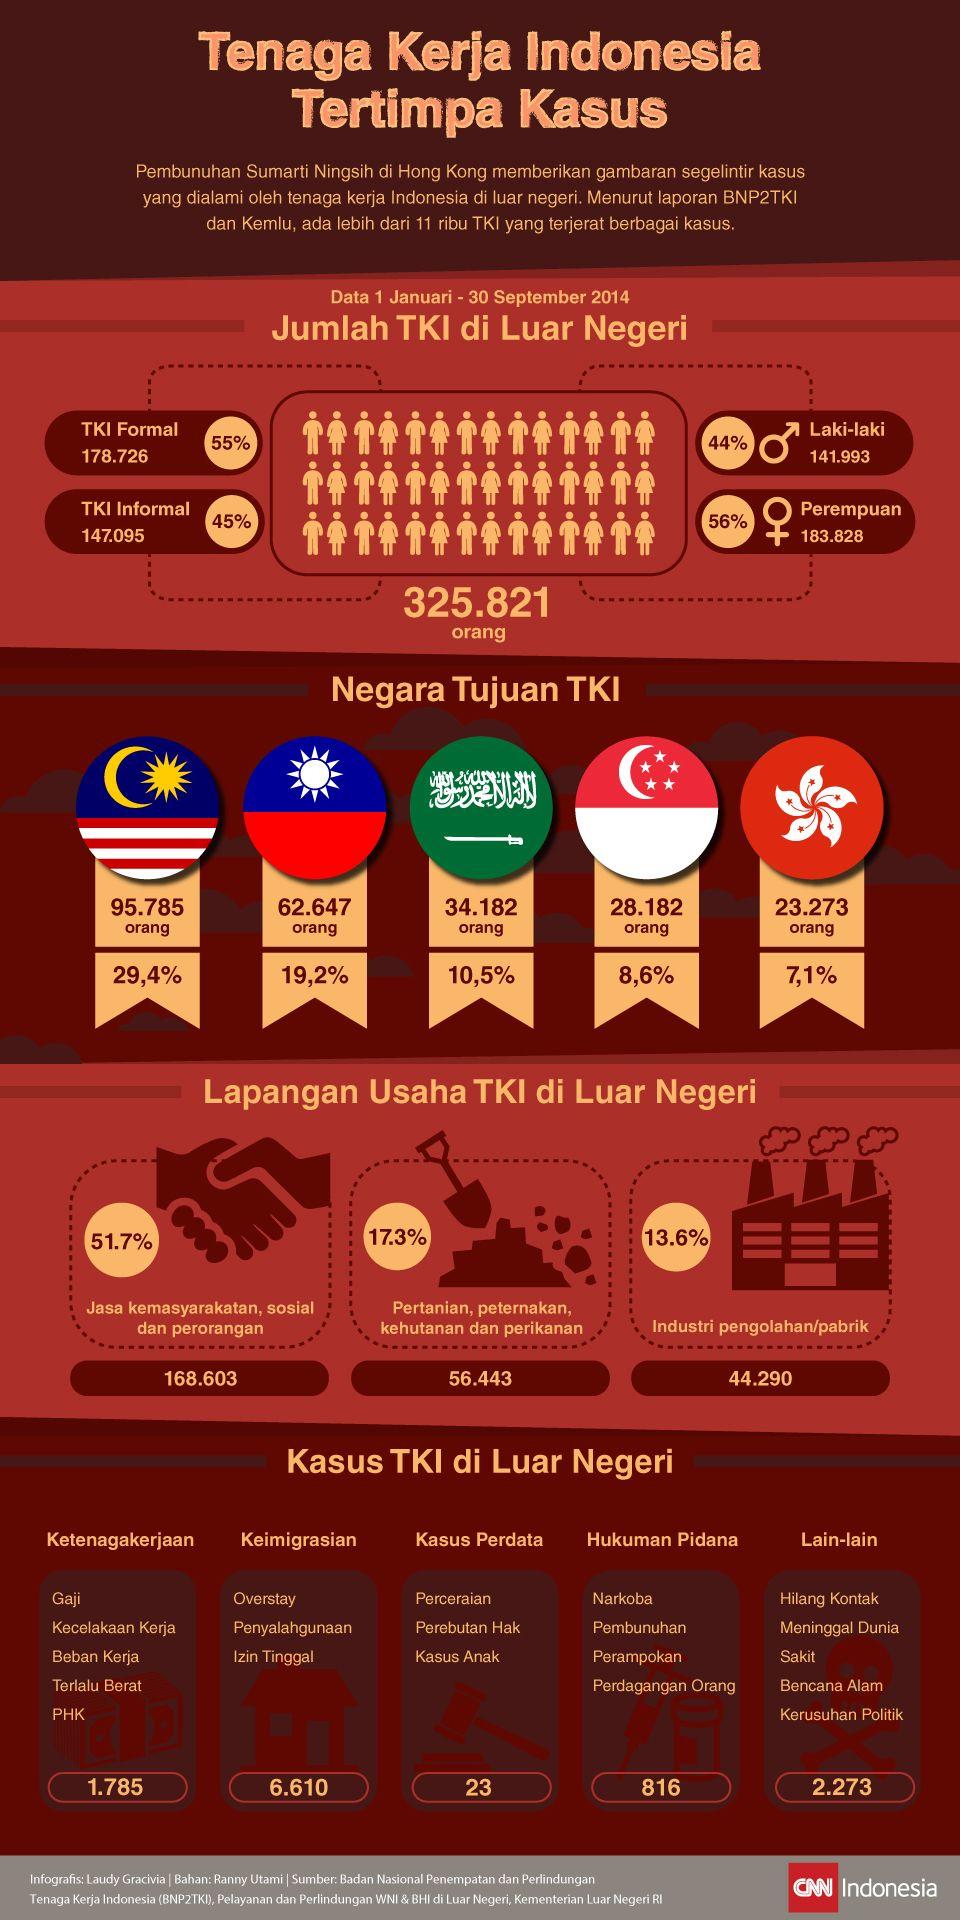 Infografis Tenaga Kerja Indonesia Tertimpa Kasus